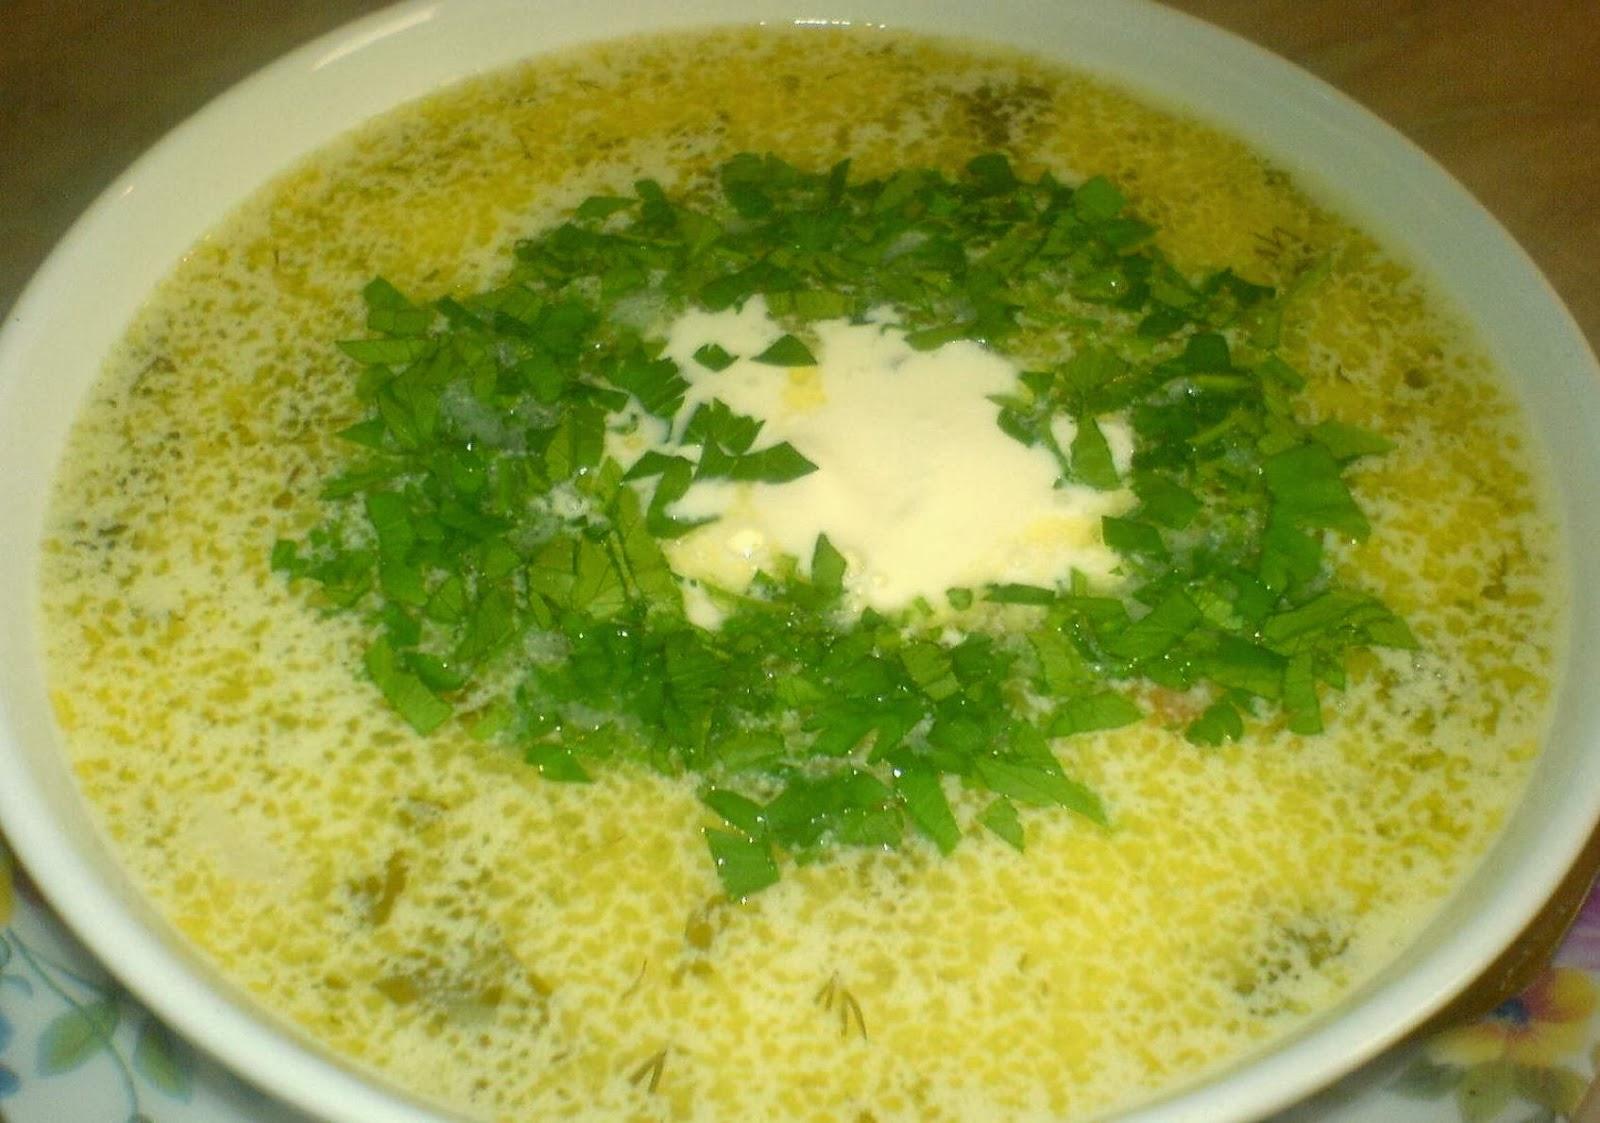 ciorba greceasca de pui a la grec, ciorba greceasca a la grecque, retete culinare, preparate culinare, retete de mancare, ciorba, ciorbe, ciorba dreasa cu smantana si oua,